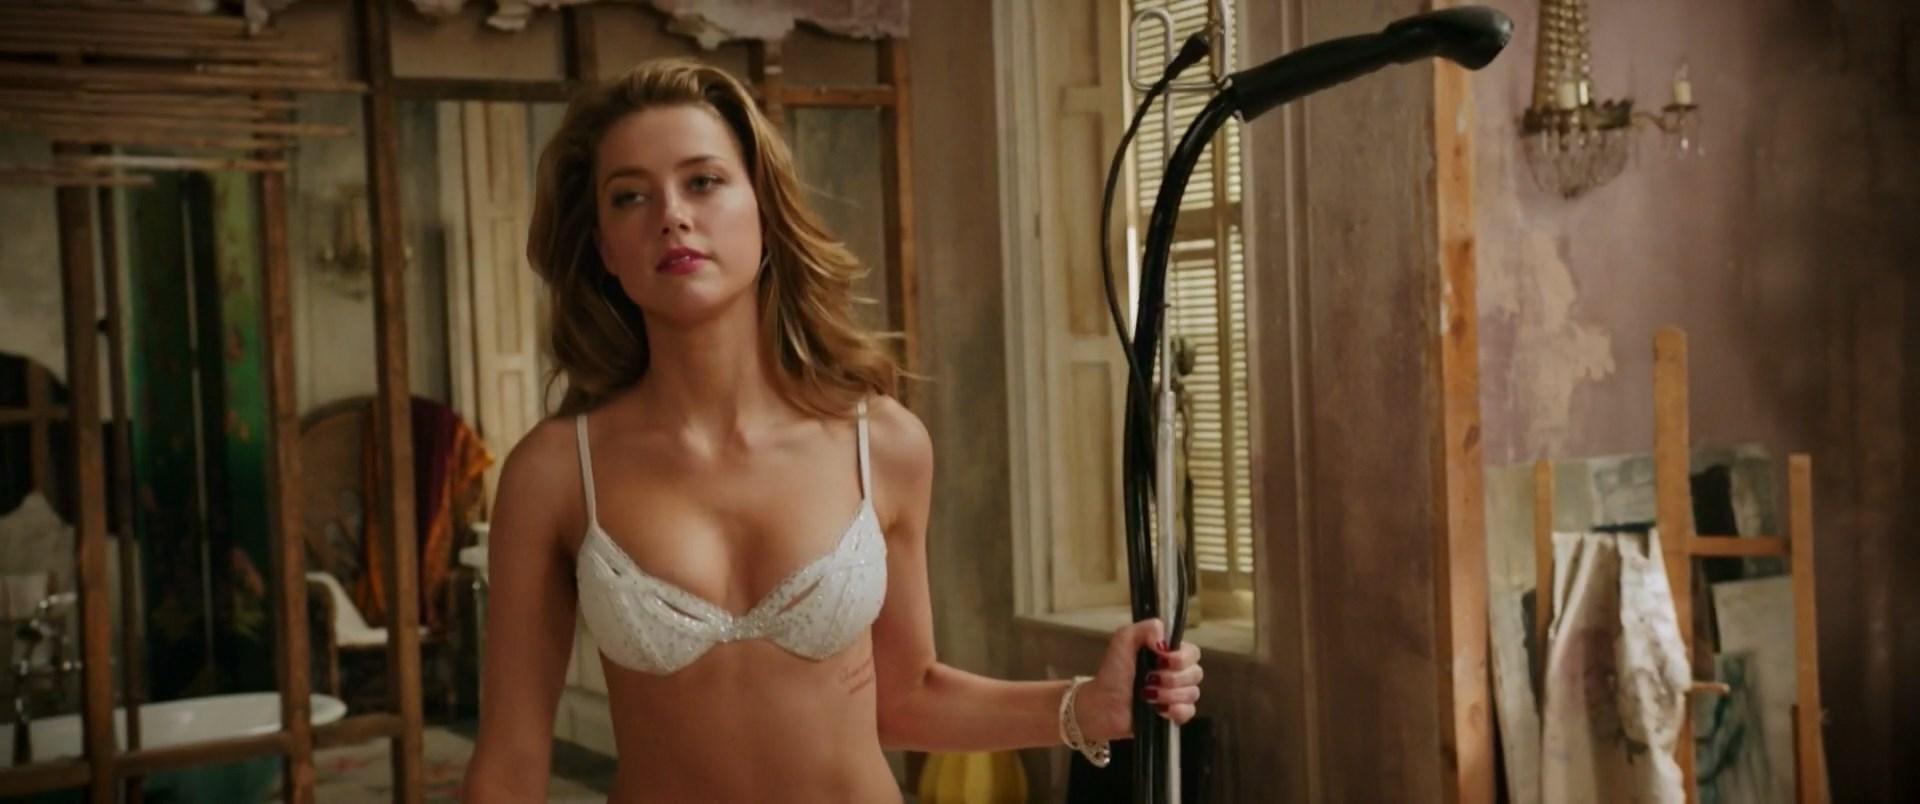 Amber Heard Nude Video amber heard london fields - best sex photos, hot porn images